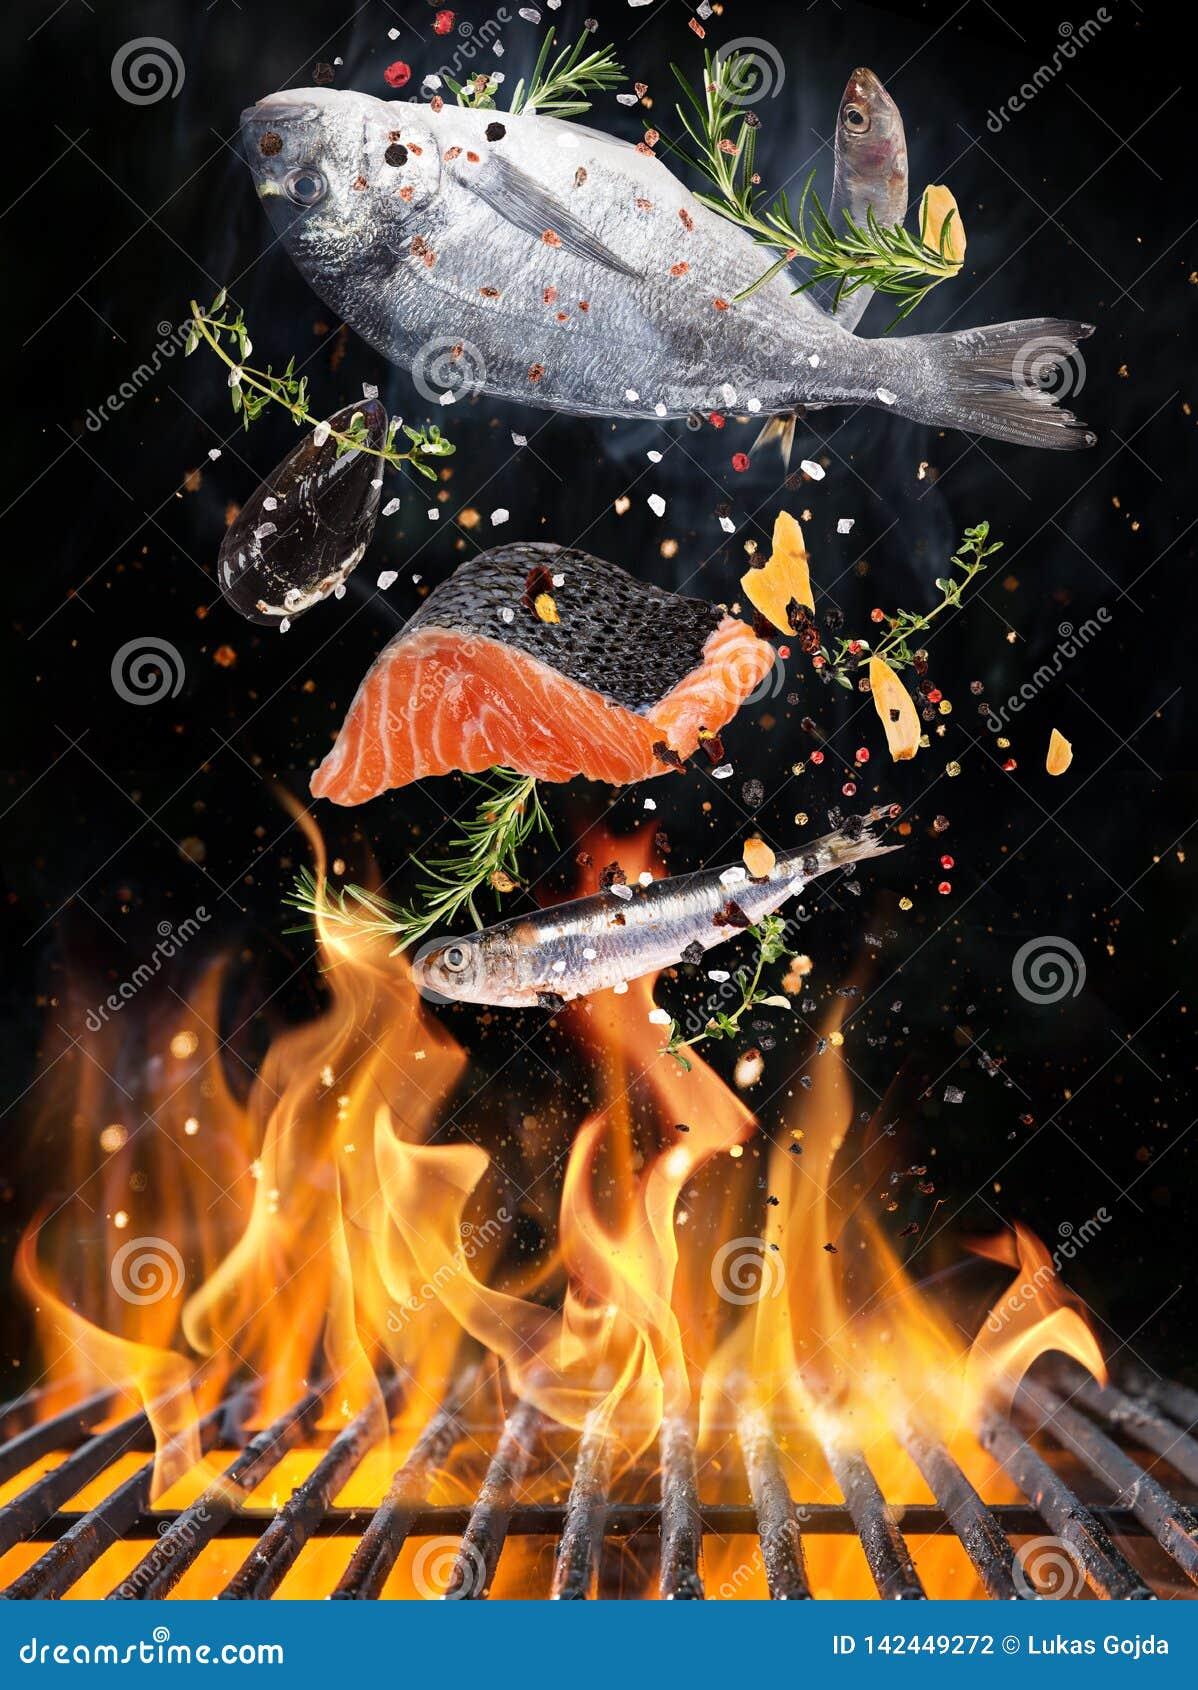 Vuelo sabroso de los pescados sobre la rejilla del arrabio con las llamas del fuego